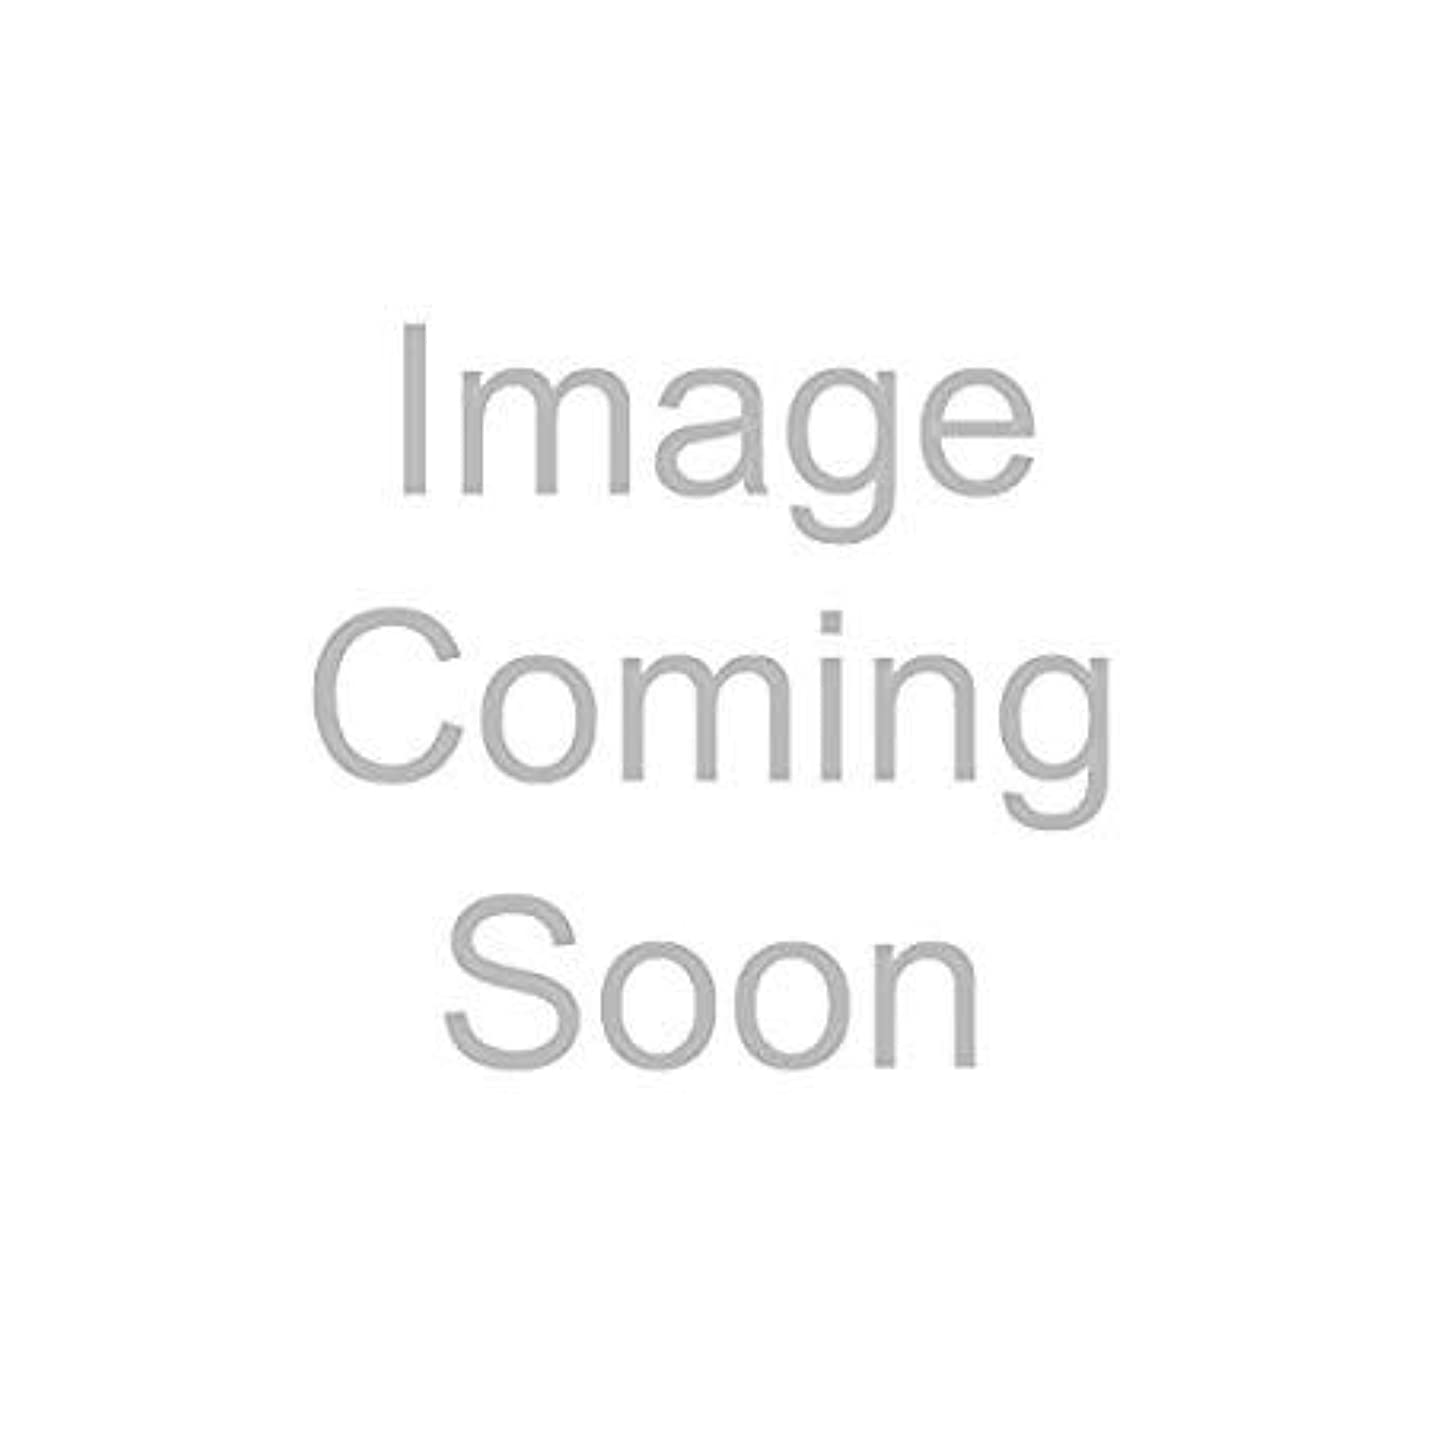 マットくつろぐゆりかごエスティローダー デイウェアアドバンスドマルチプロテクションアンチオキシダントクリームSPF15(ドライスキン用) 50ml/1.7oz